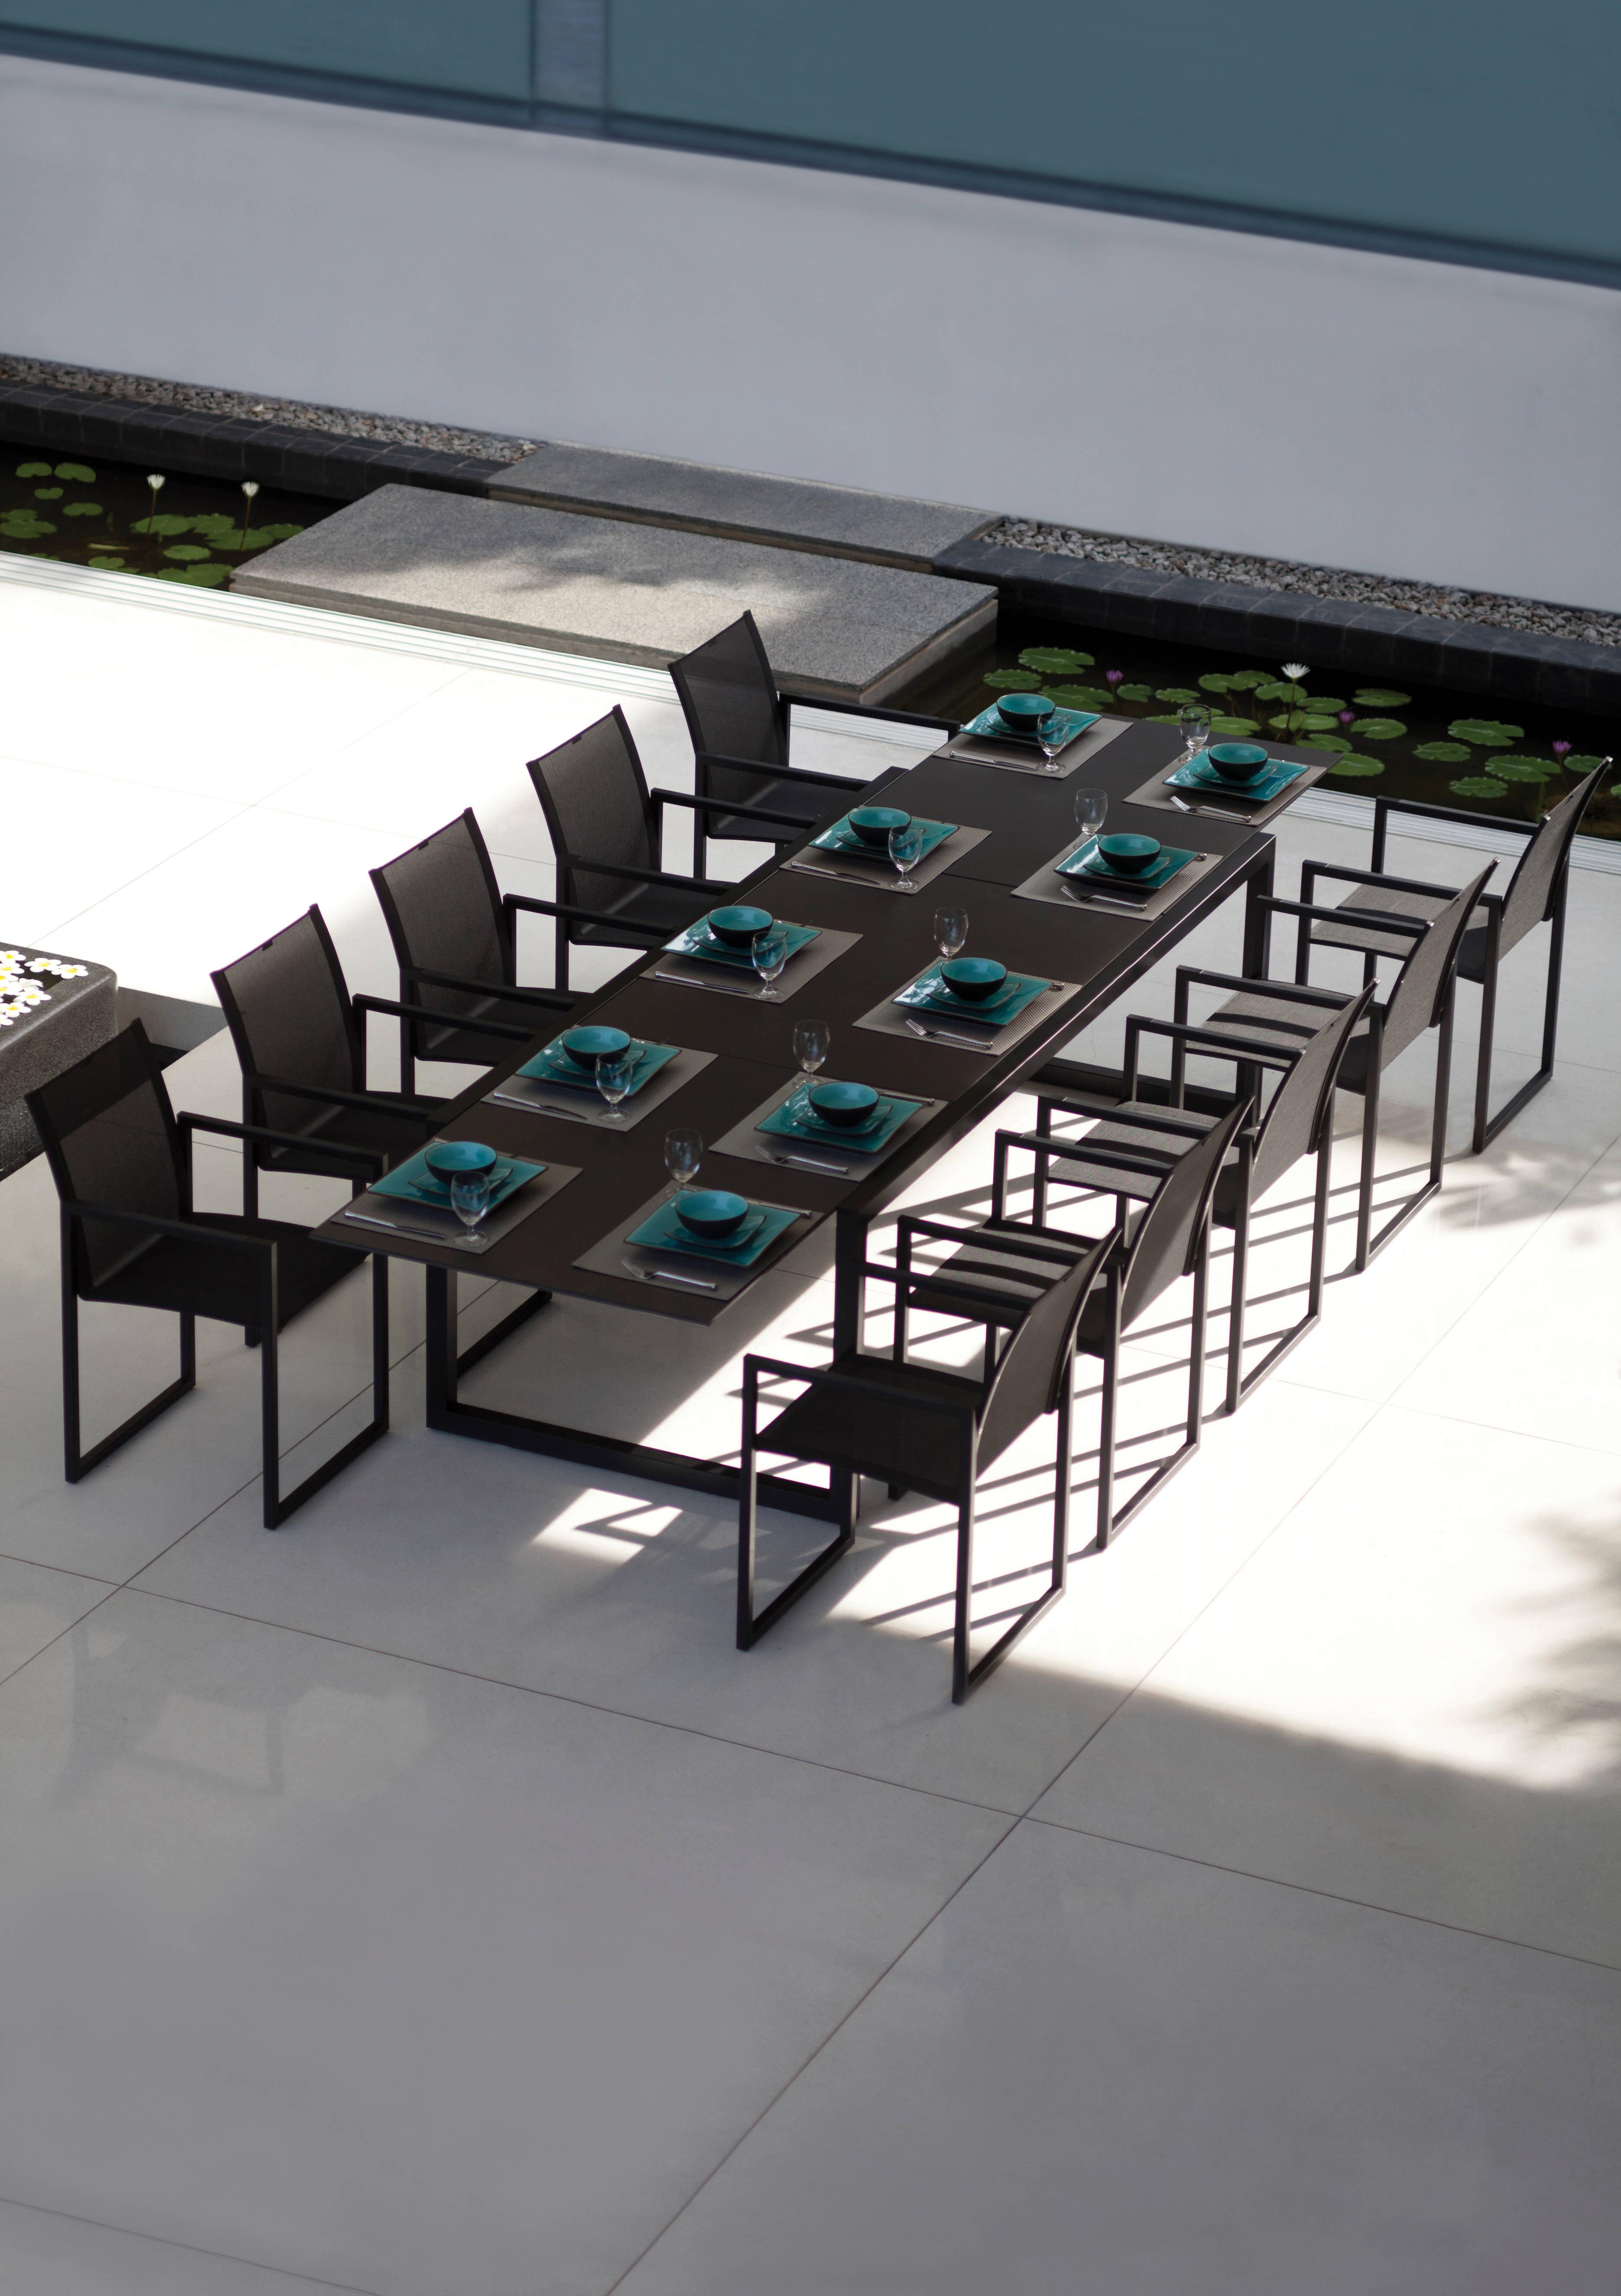 ninix tisch von royal botania in unserer ausstellung in f rth. Black Bedroom Furniture Sets. Home Design Ideas